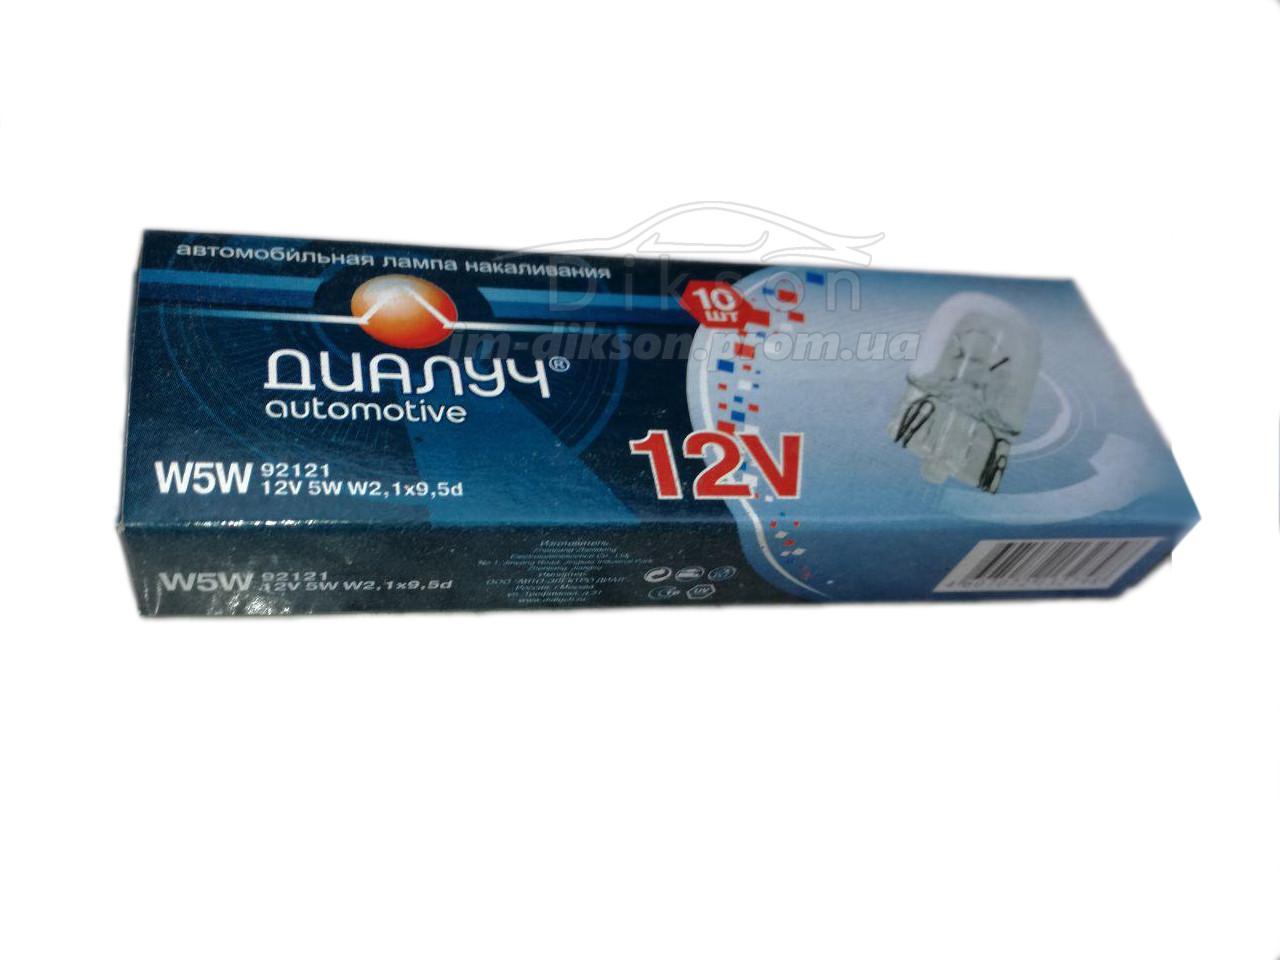 Лампочка Диалуч 12V 5W W2,1x9,5D W5W